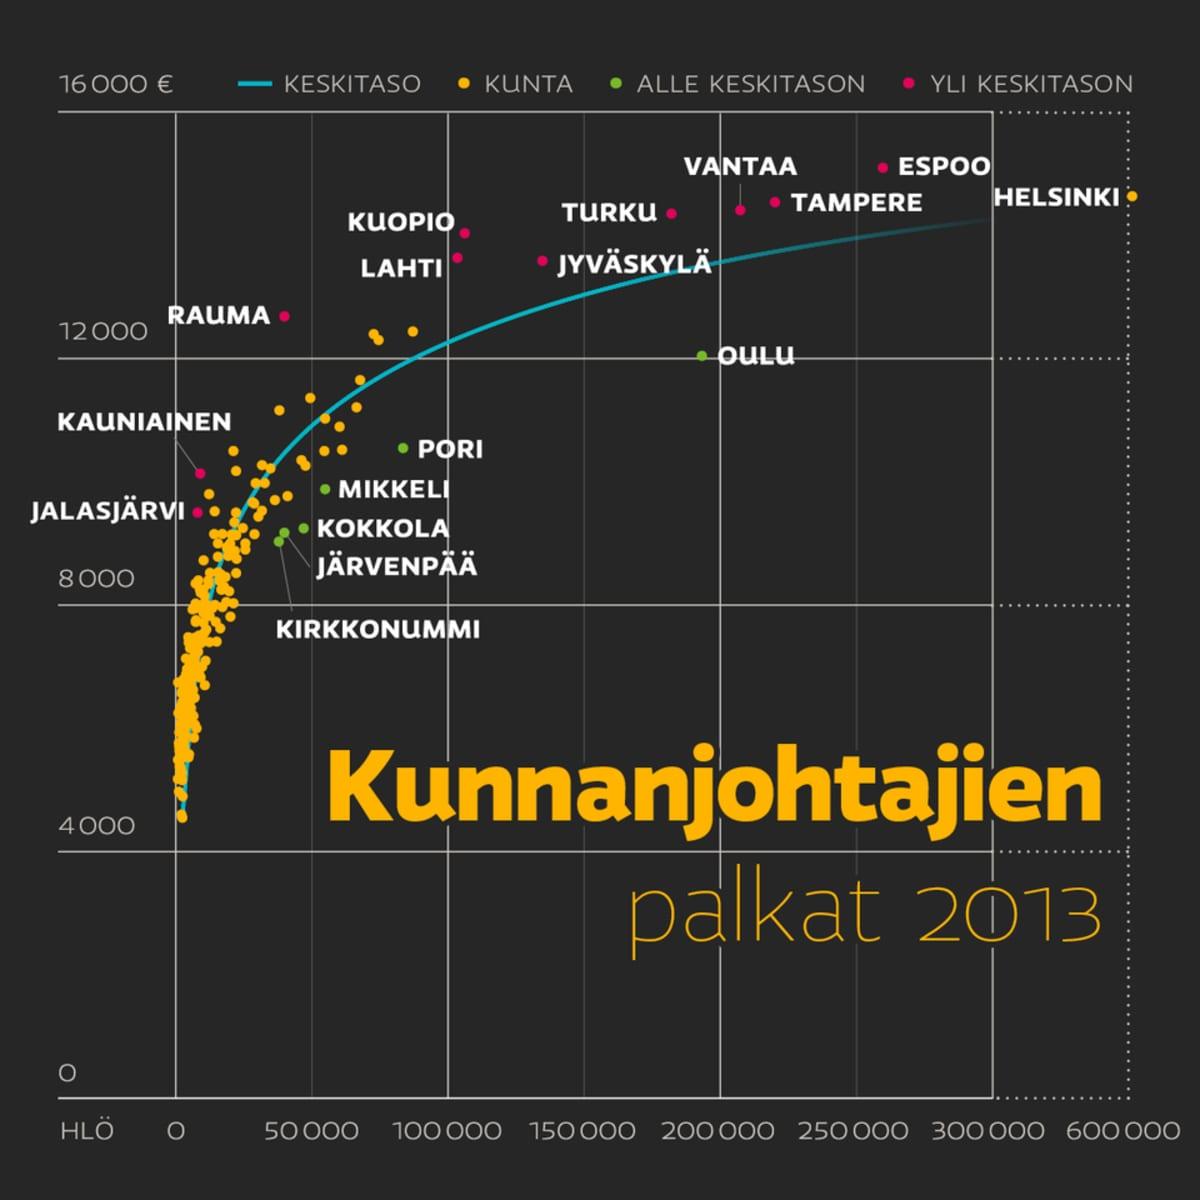 Kunnanjohtajien palkat vuonna 2013.